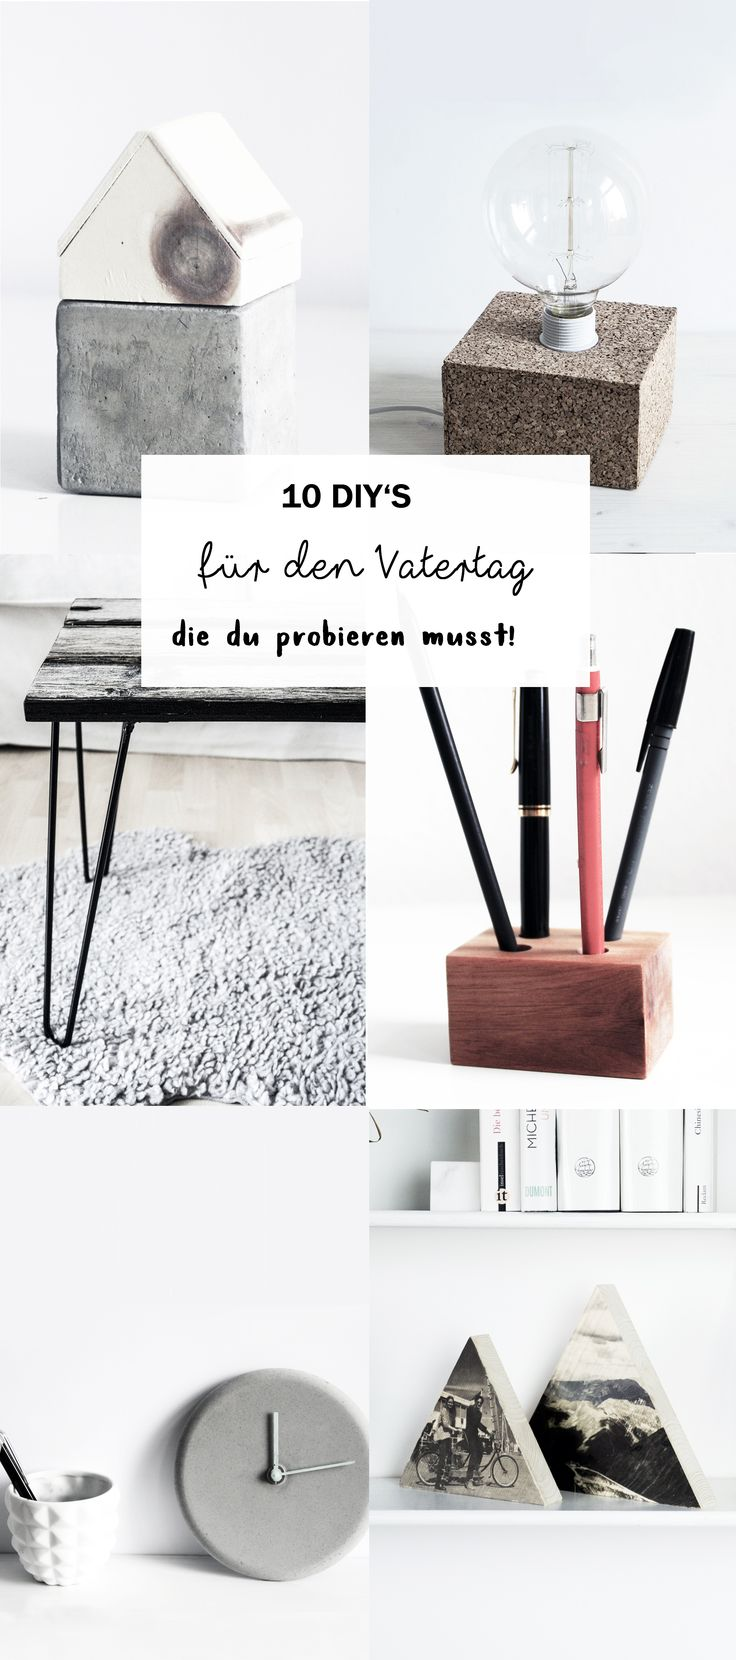 Vatertagsgeschenk basteln: Auf dem Blog findet ihr 10 kreative DIY Geschenkideen, die ihr ganz einfach selber machen könnt! Lasst euch inspirieren von Geschenken aus Holz, Beton oder Kork. Werdet Kreativ und gestaltet das Geschenk für euren Vater dieses Jahr einfach selbst! Alle ausführlichen Anleitungen für Stiftehalter, Foto aus Holz, Tisch, Lampe, Uhr und vieles mehr findet ihr auf schereleimpapier.de!